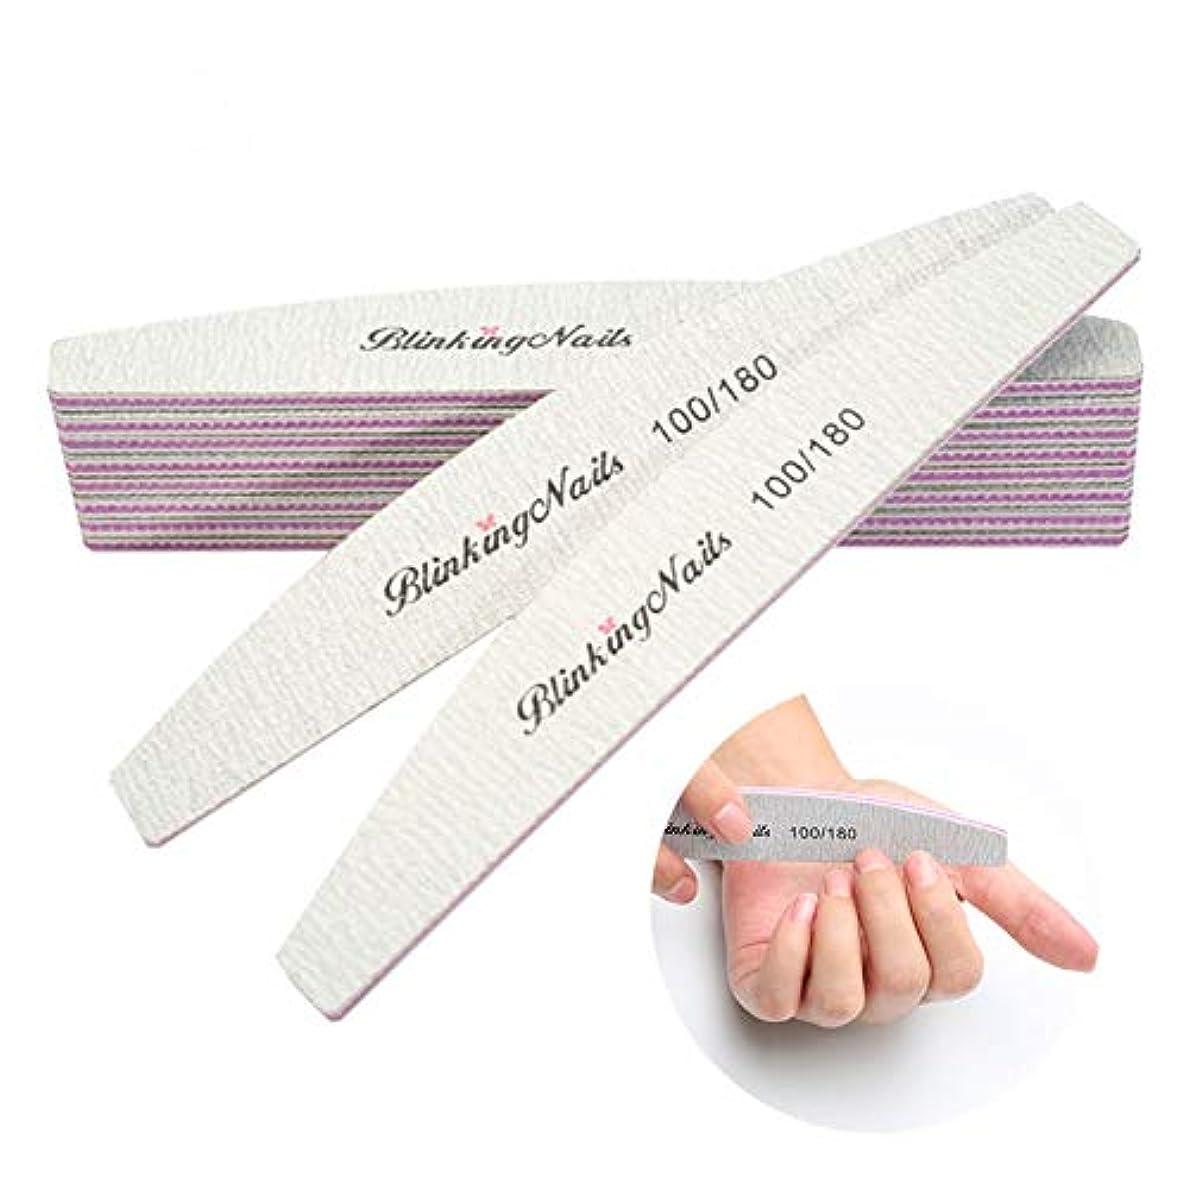 熱心代理店高齢者研磨ツール100/180砂 爪やすり ネイルシャイナー ネイルケア 携帯に便利です 水洗いできます 洗濯可プロネイルやすり 10本入